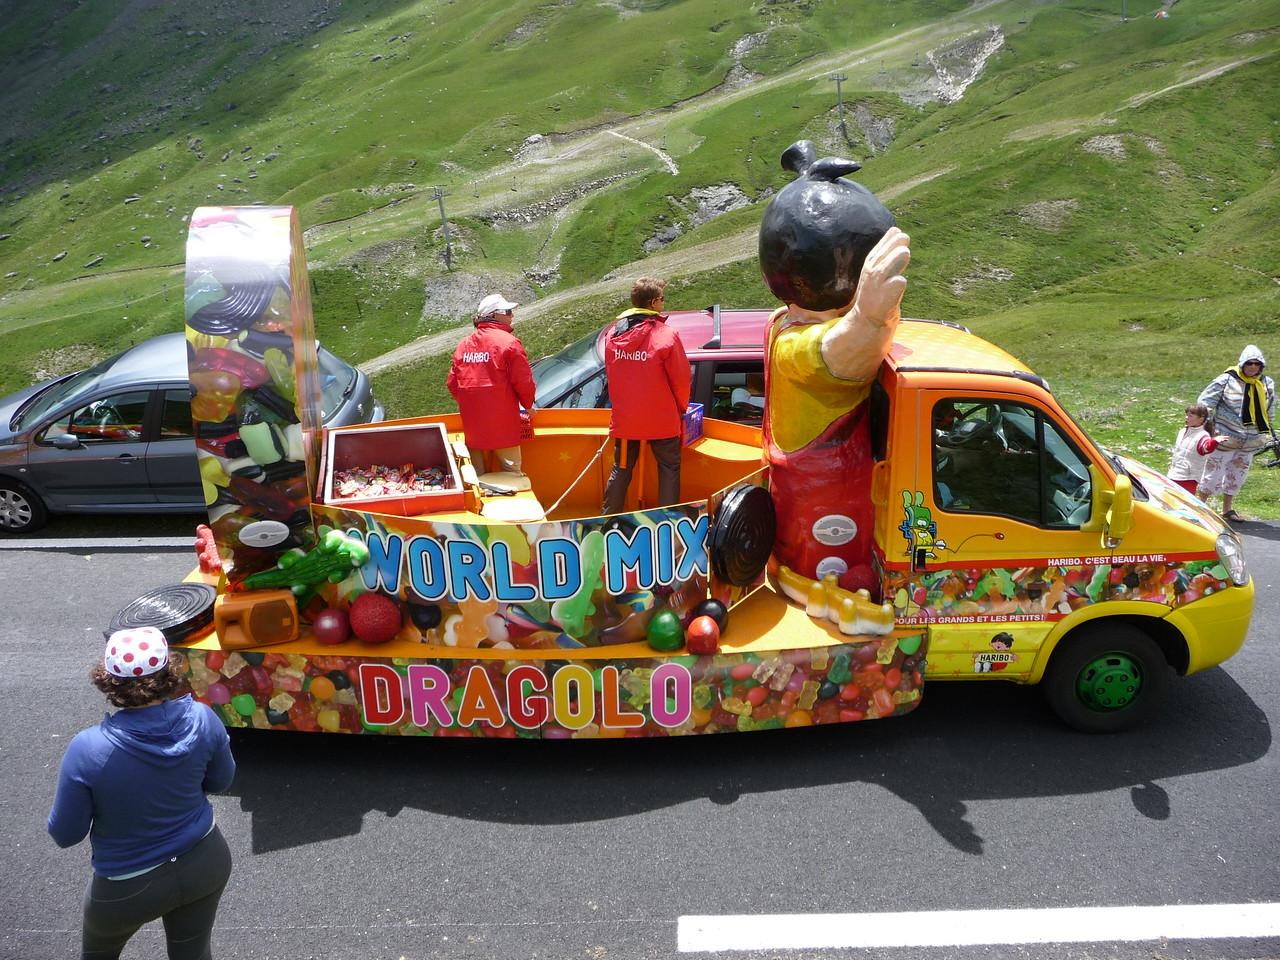 Mmmmm candy truck. Location - Col du Tourmalet